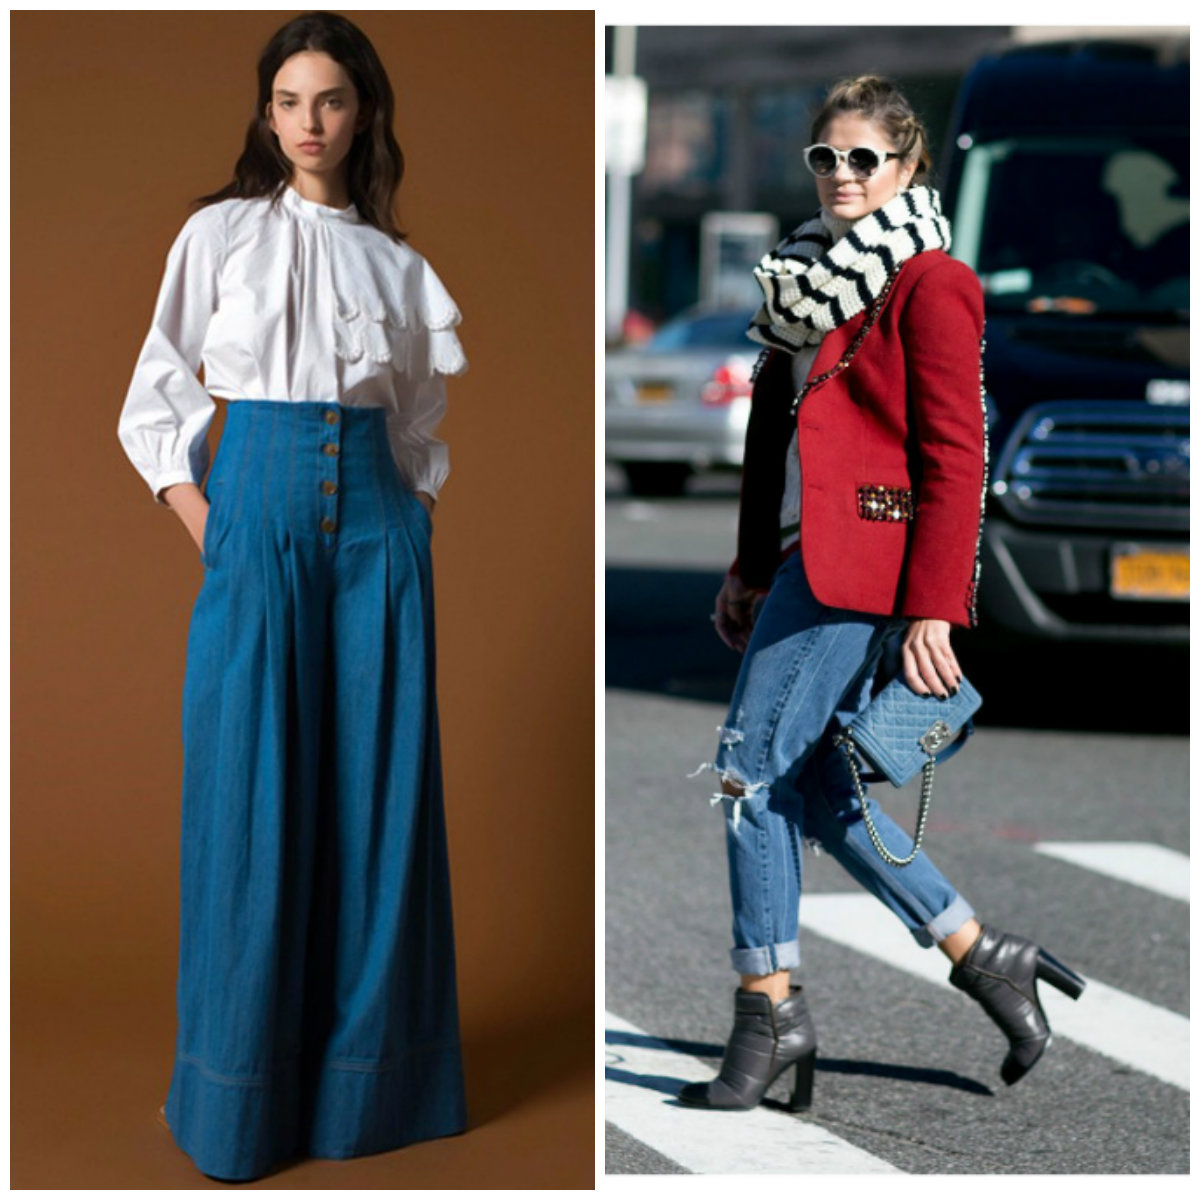 Тенденции-женской-моды-2018-года-фото-одежда-из-денима-деловой-стиль-авангард-Тенденции женской моды 2018